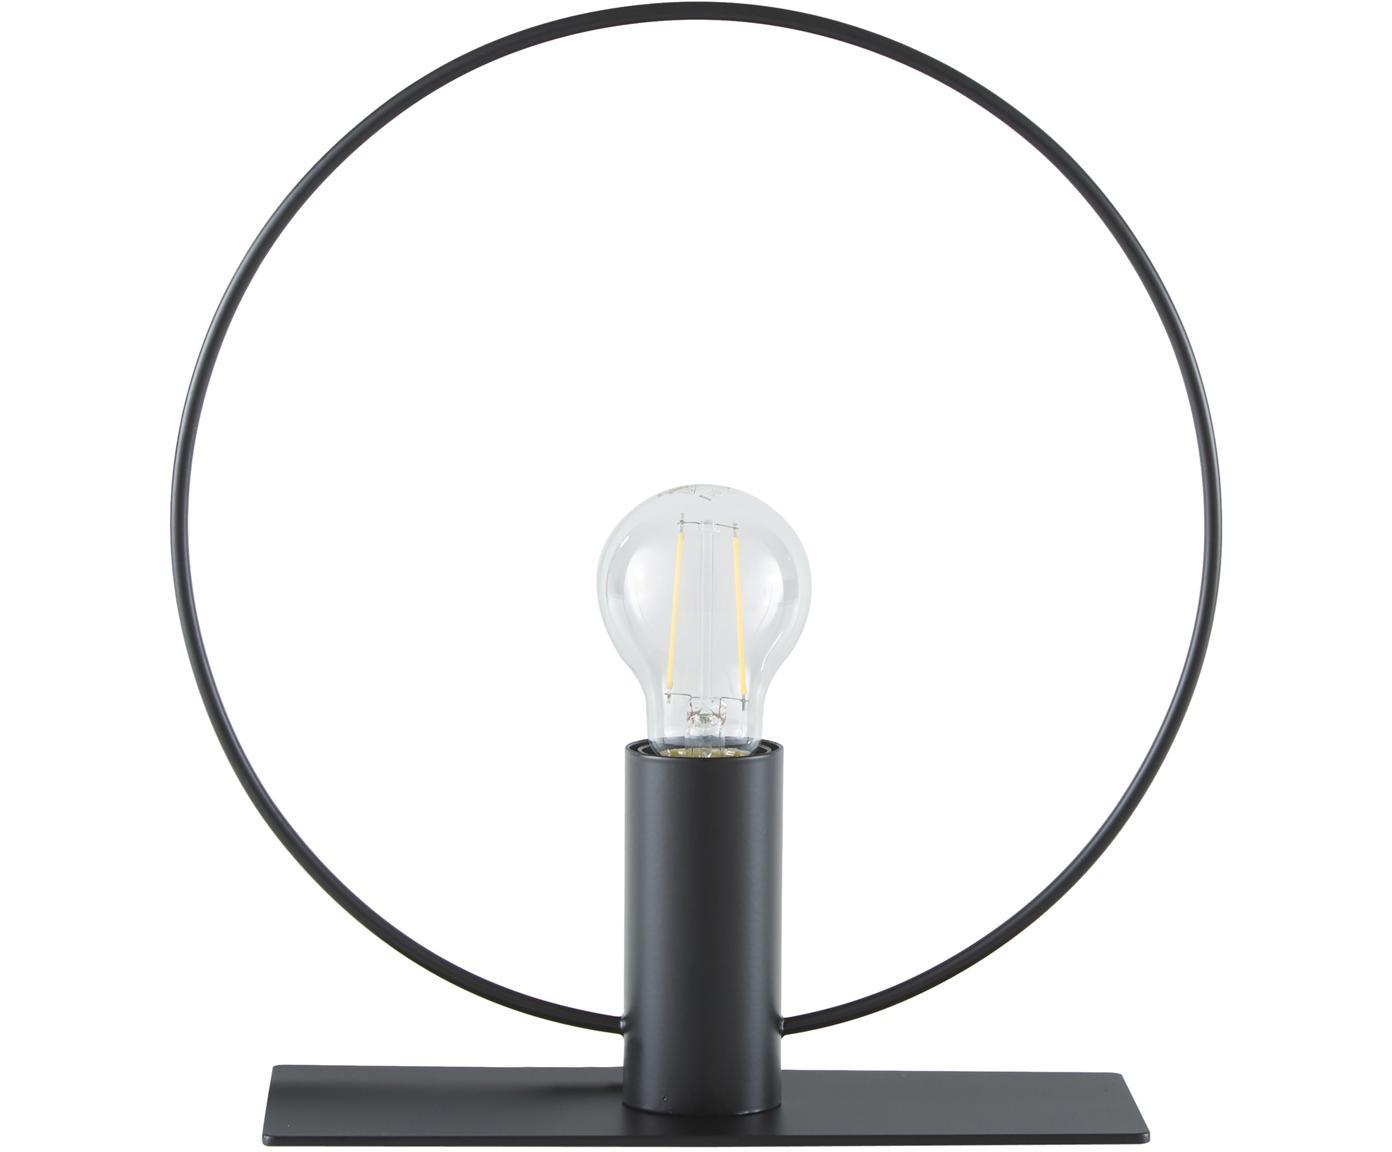 Tischleuchte Pria, Lampenschirm: Metall, pulverbeschichtet, Lampenfuß: Metall, pulverbeschichtet, Schwarz, Ø 30 x H 33 cm